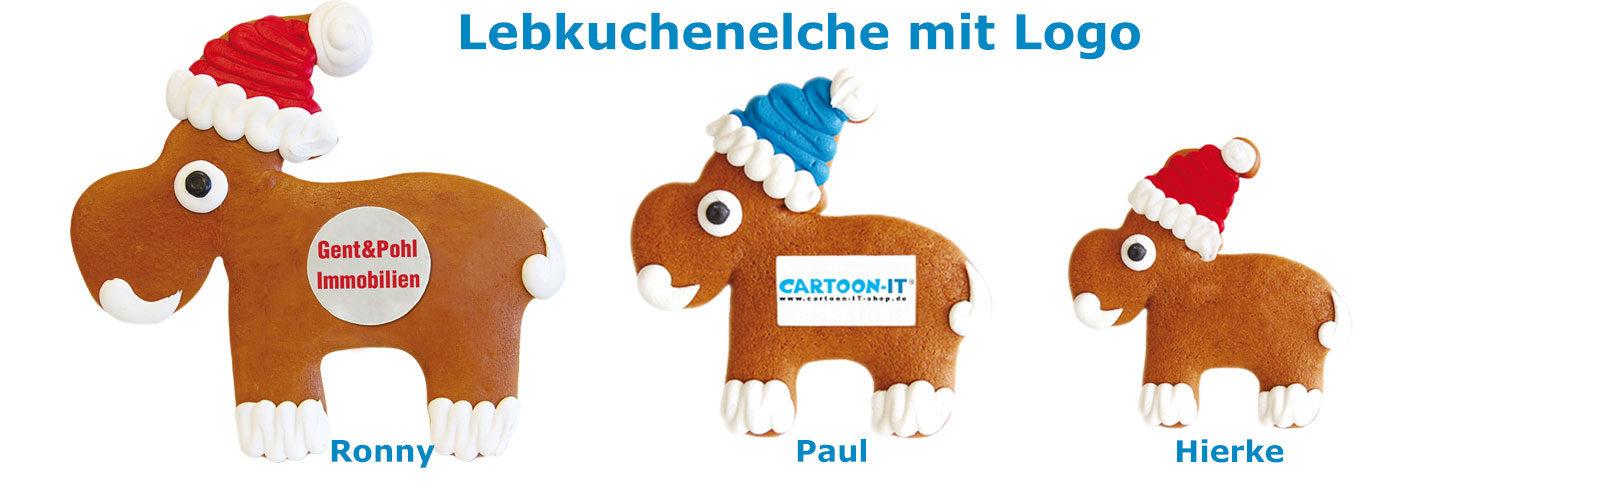 Lebkuchenelche mit Logo als Werbegeschenk